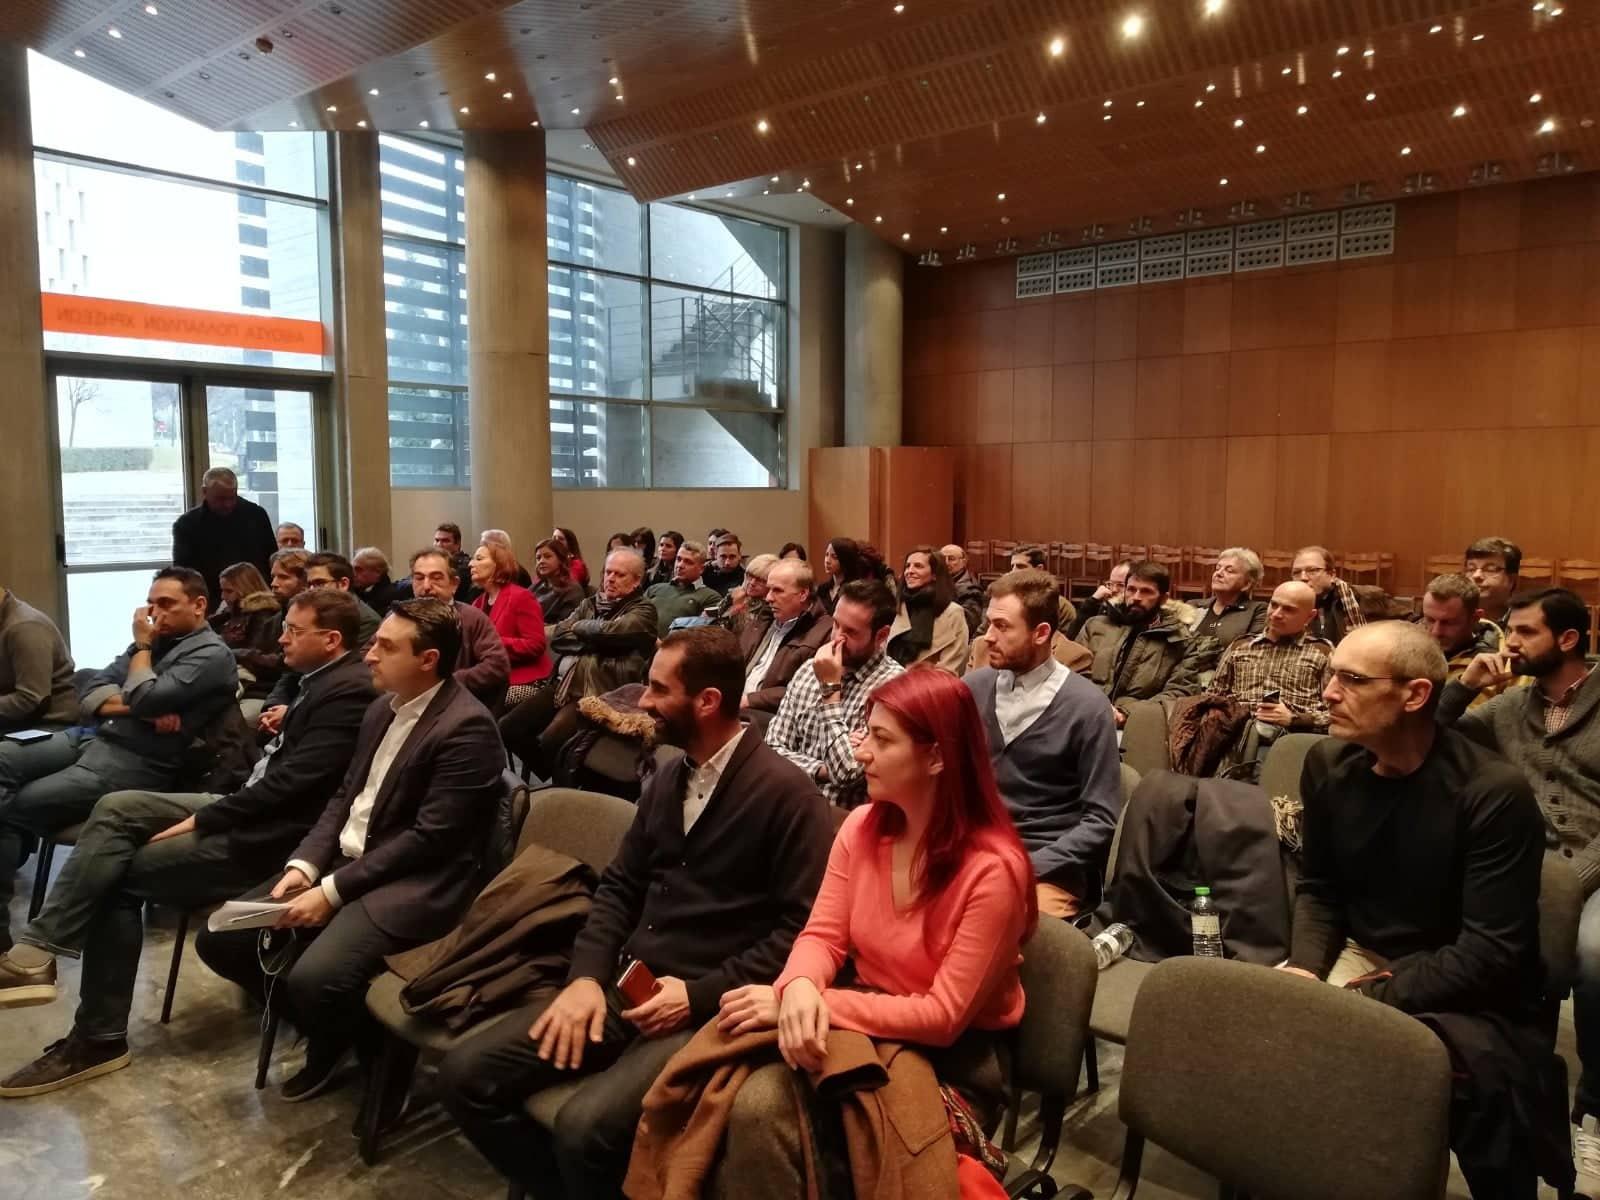 Εκδήλωση ΔΗΣΥΜ στη Θεσσαλονίκη 26 Ιανουαρίου